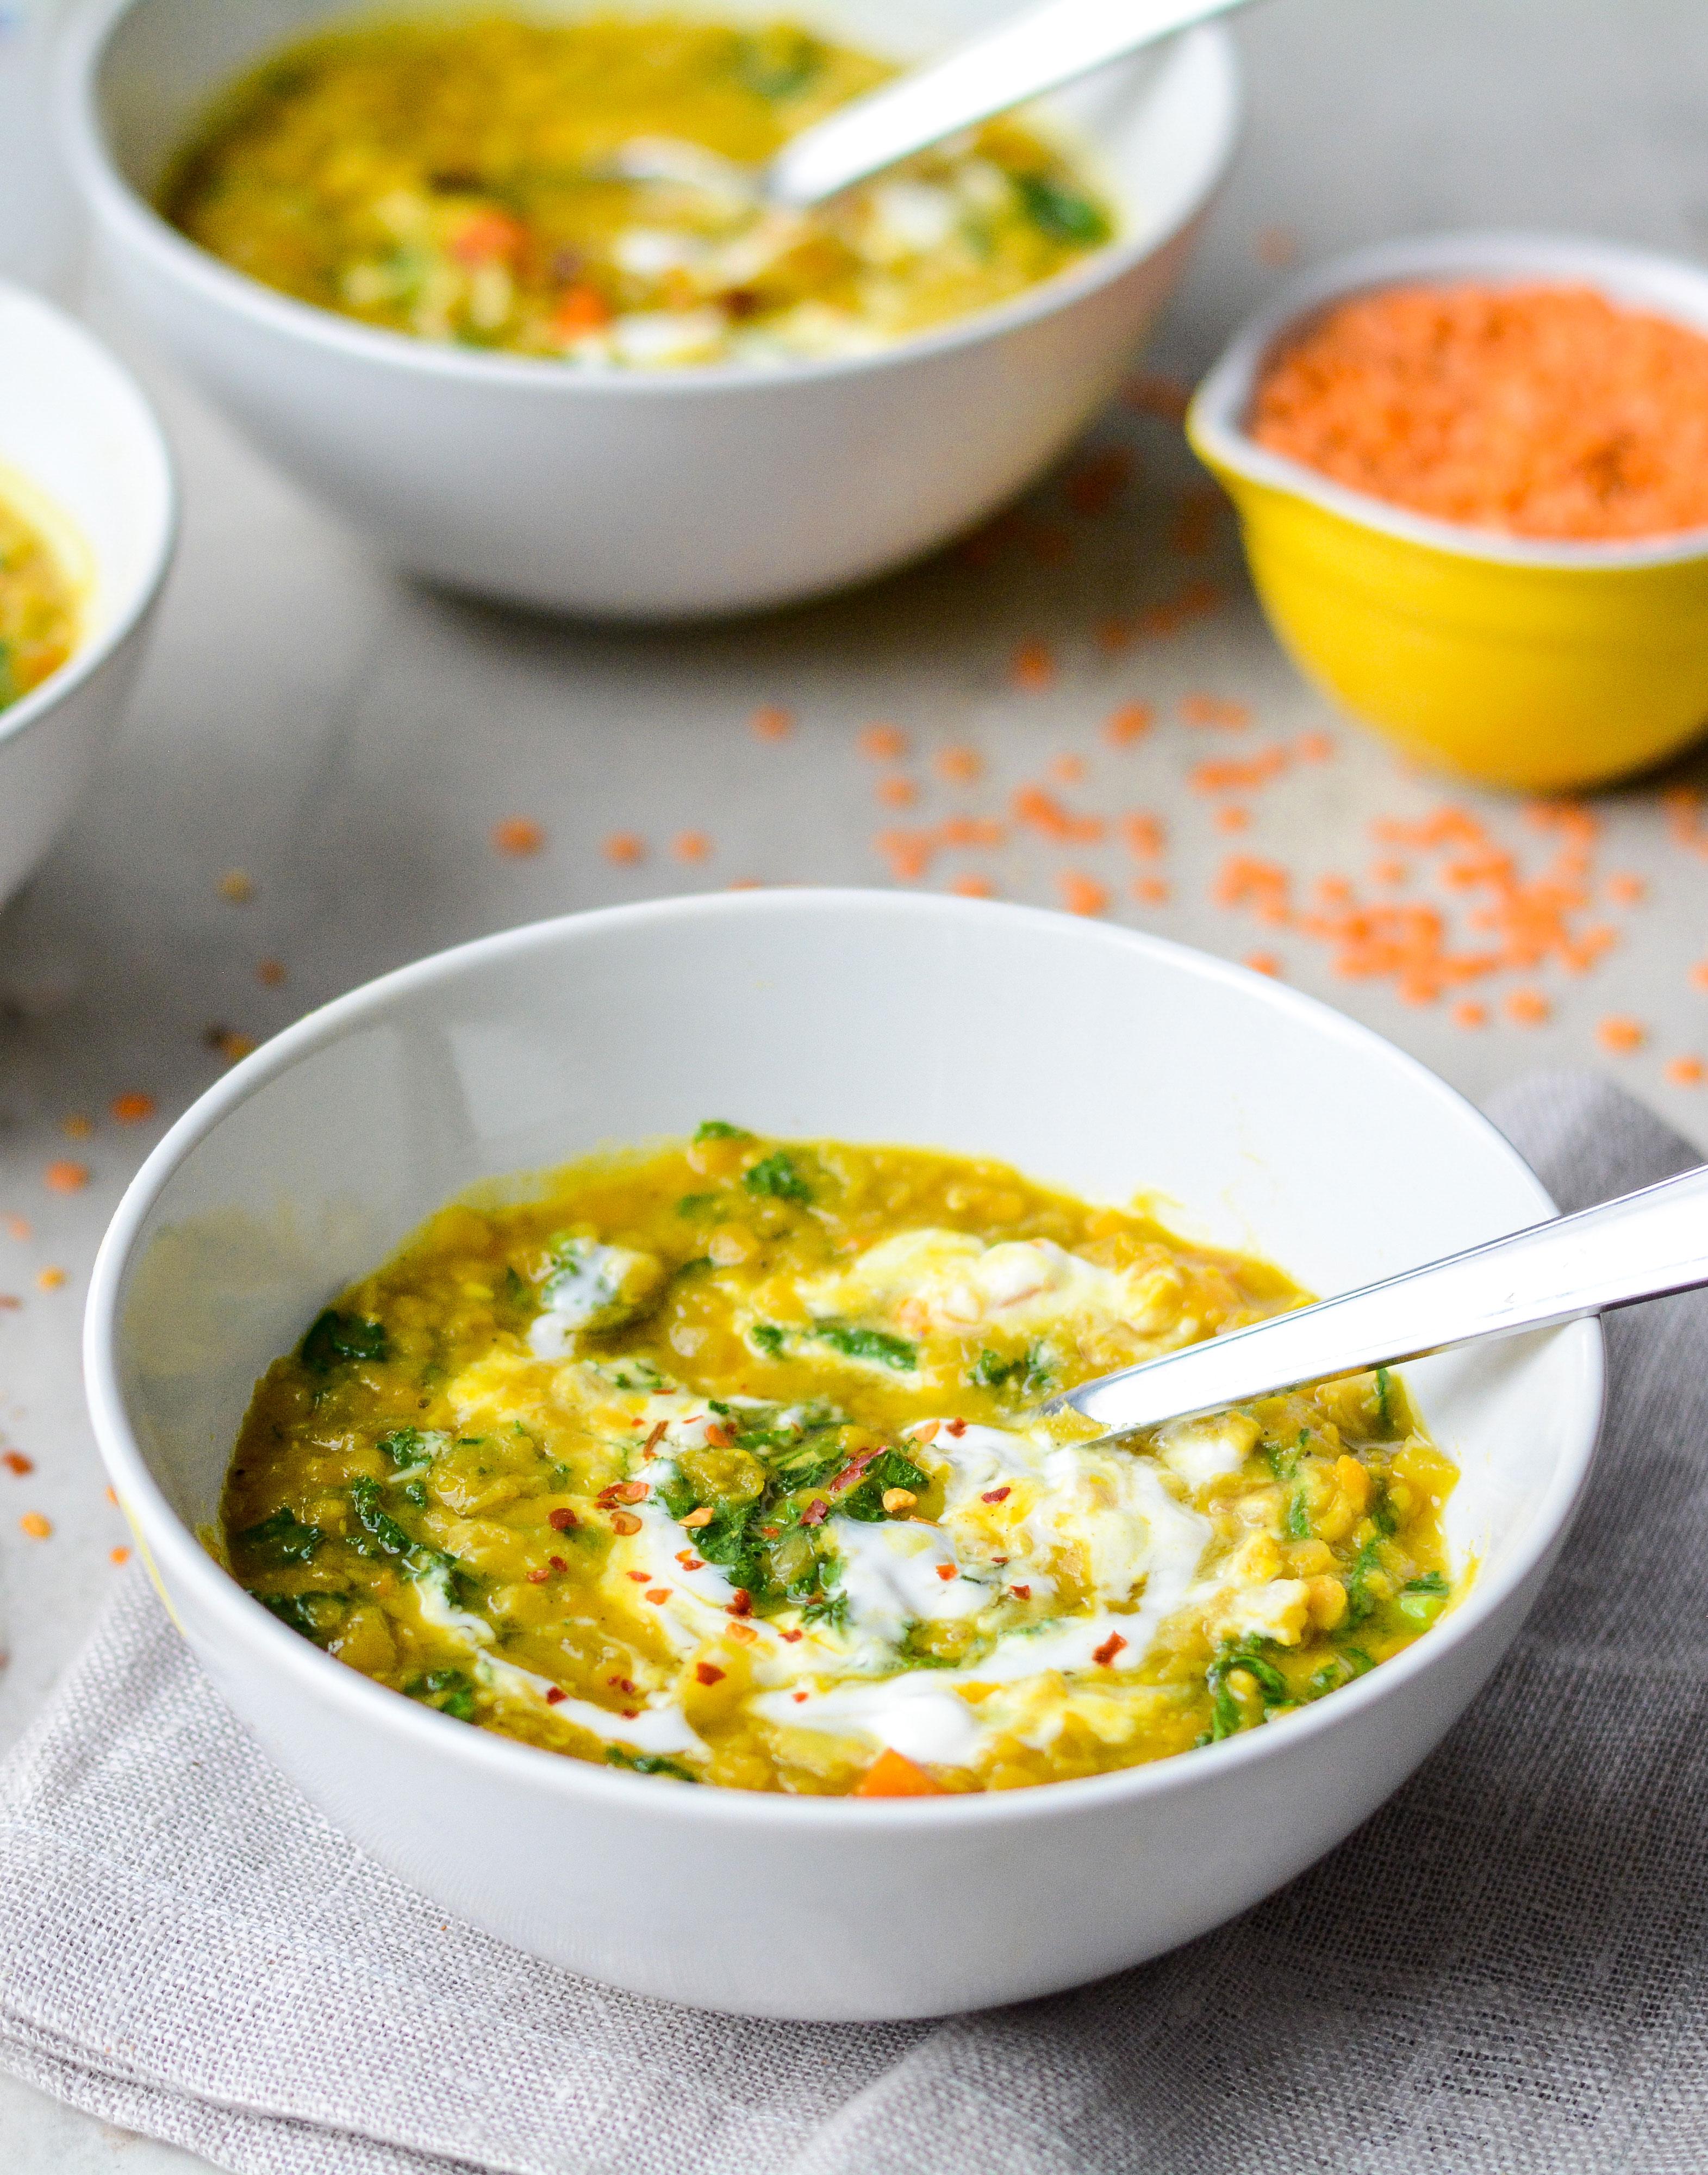 lentil soup image close up